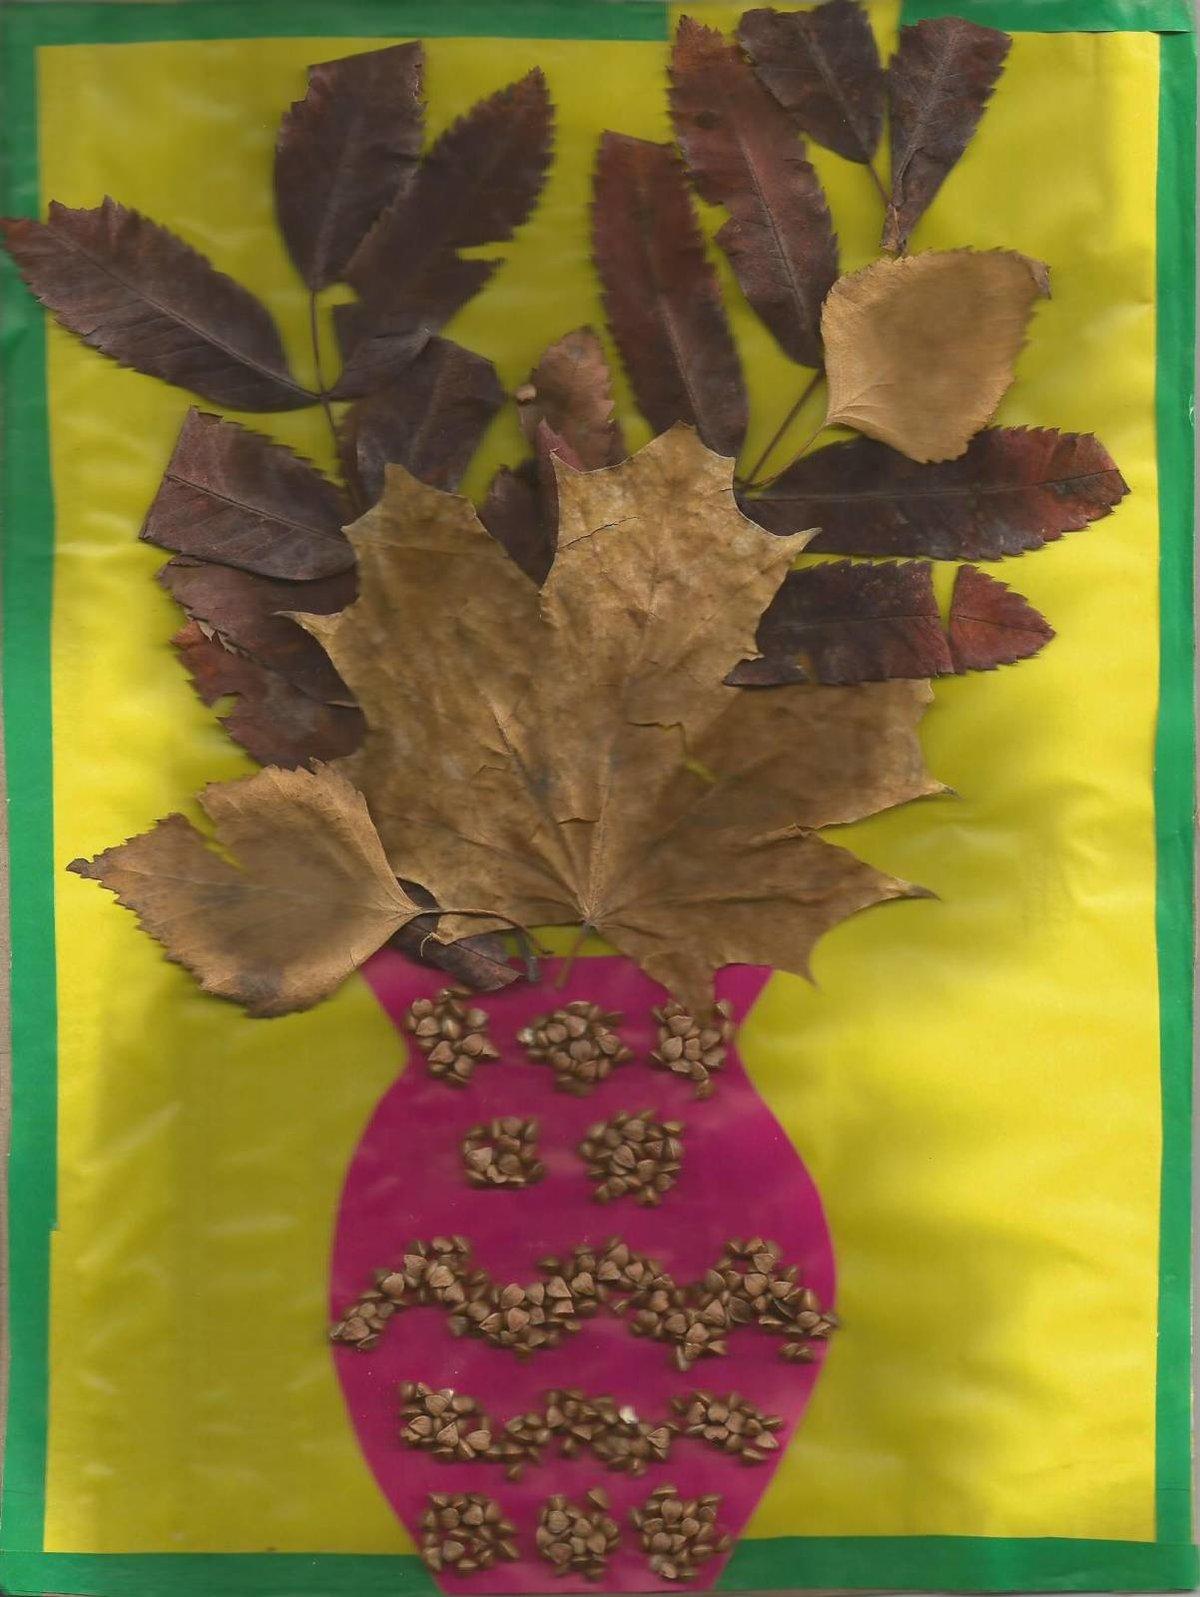 Осенние поделки своими руками для школы и детского сада из 45